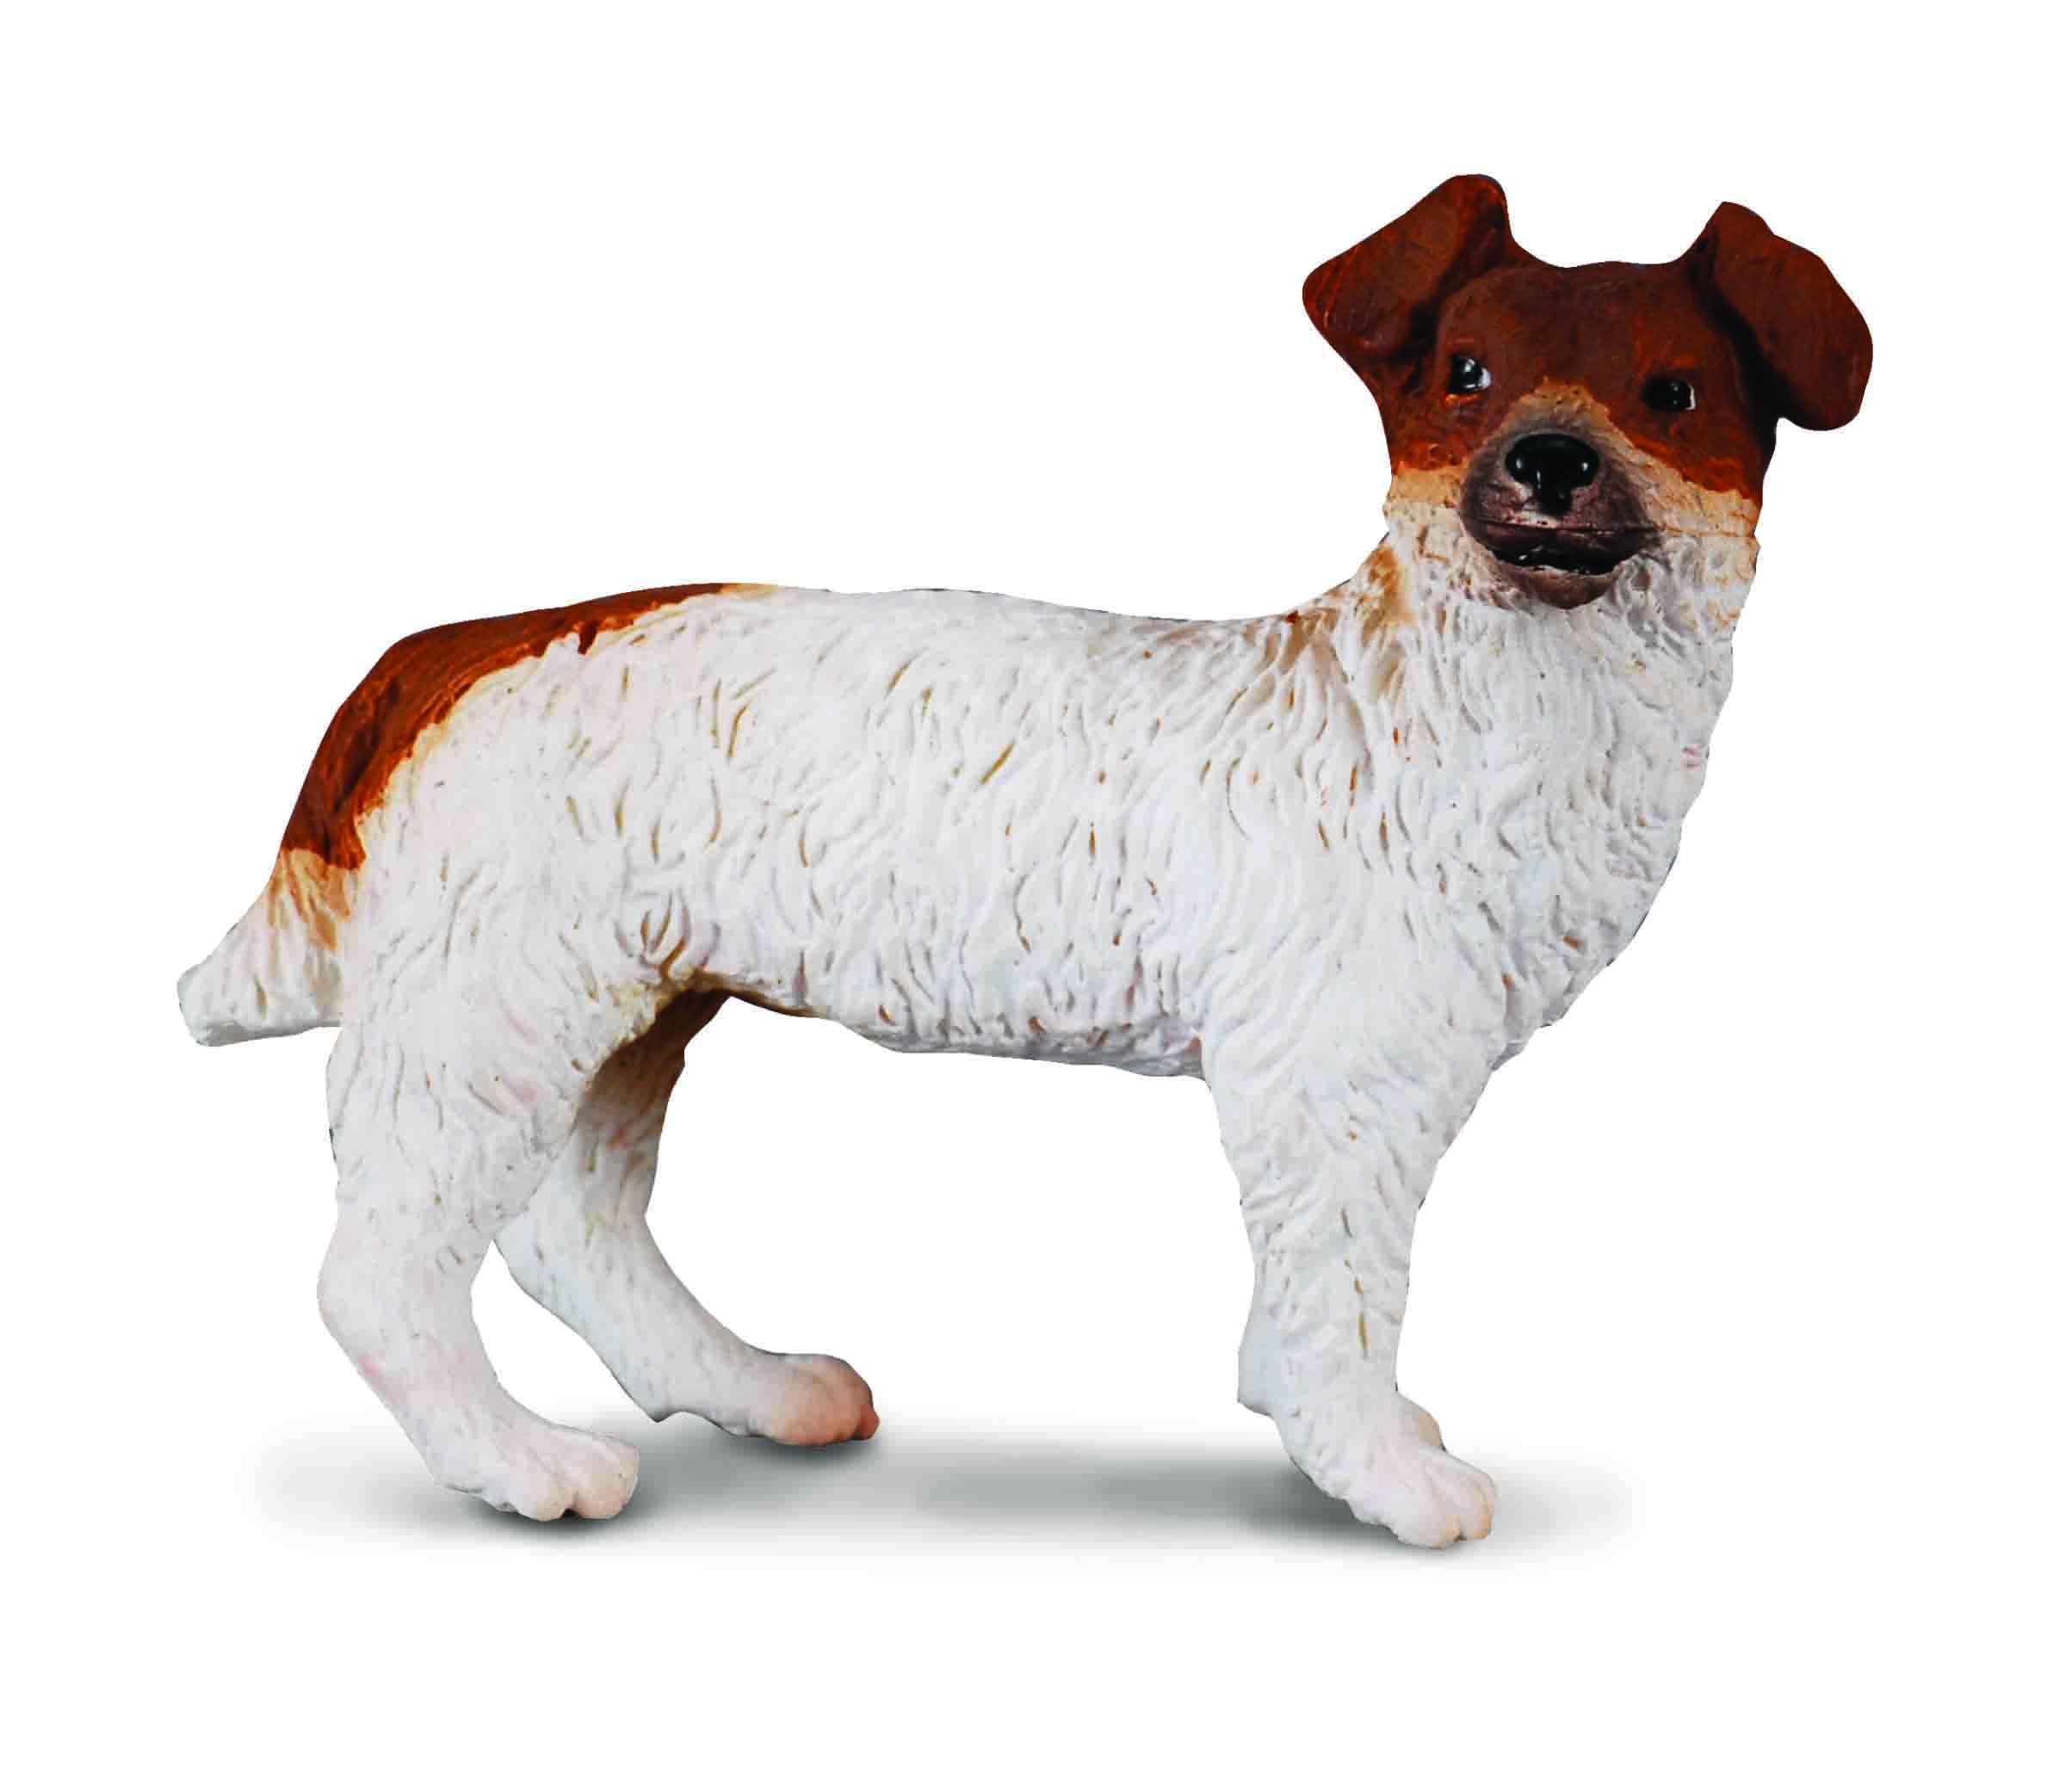 Spielzeug - Jack Russell Terrier Welpen, Züchter und